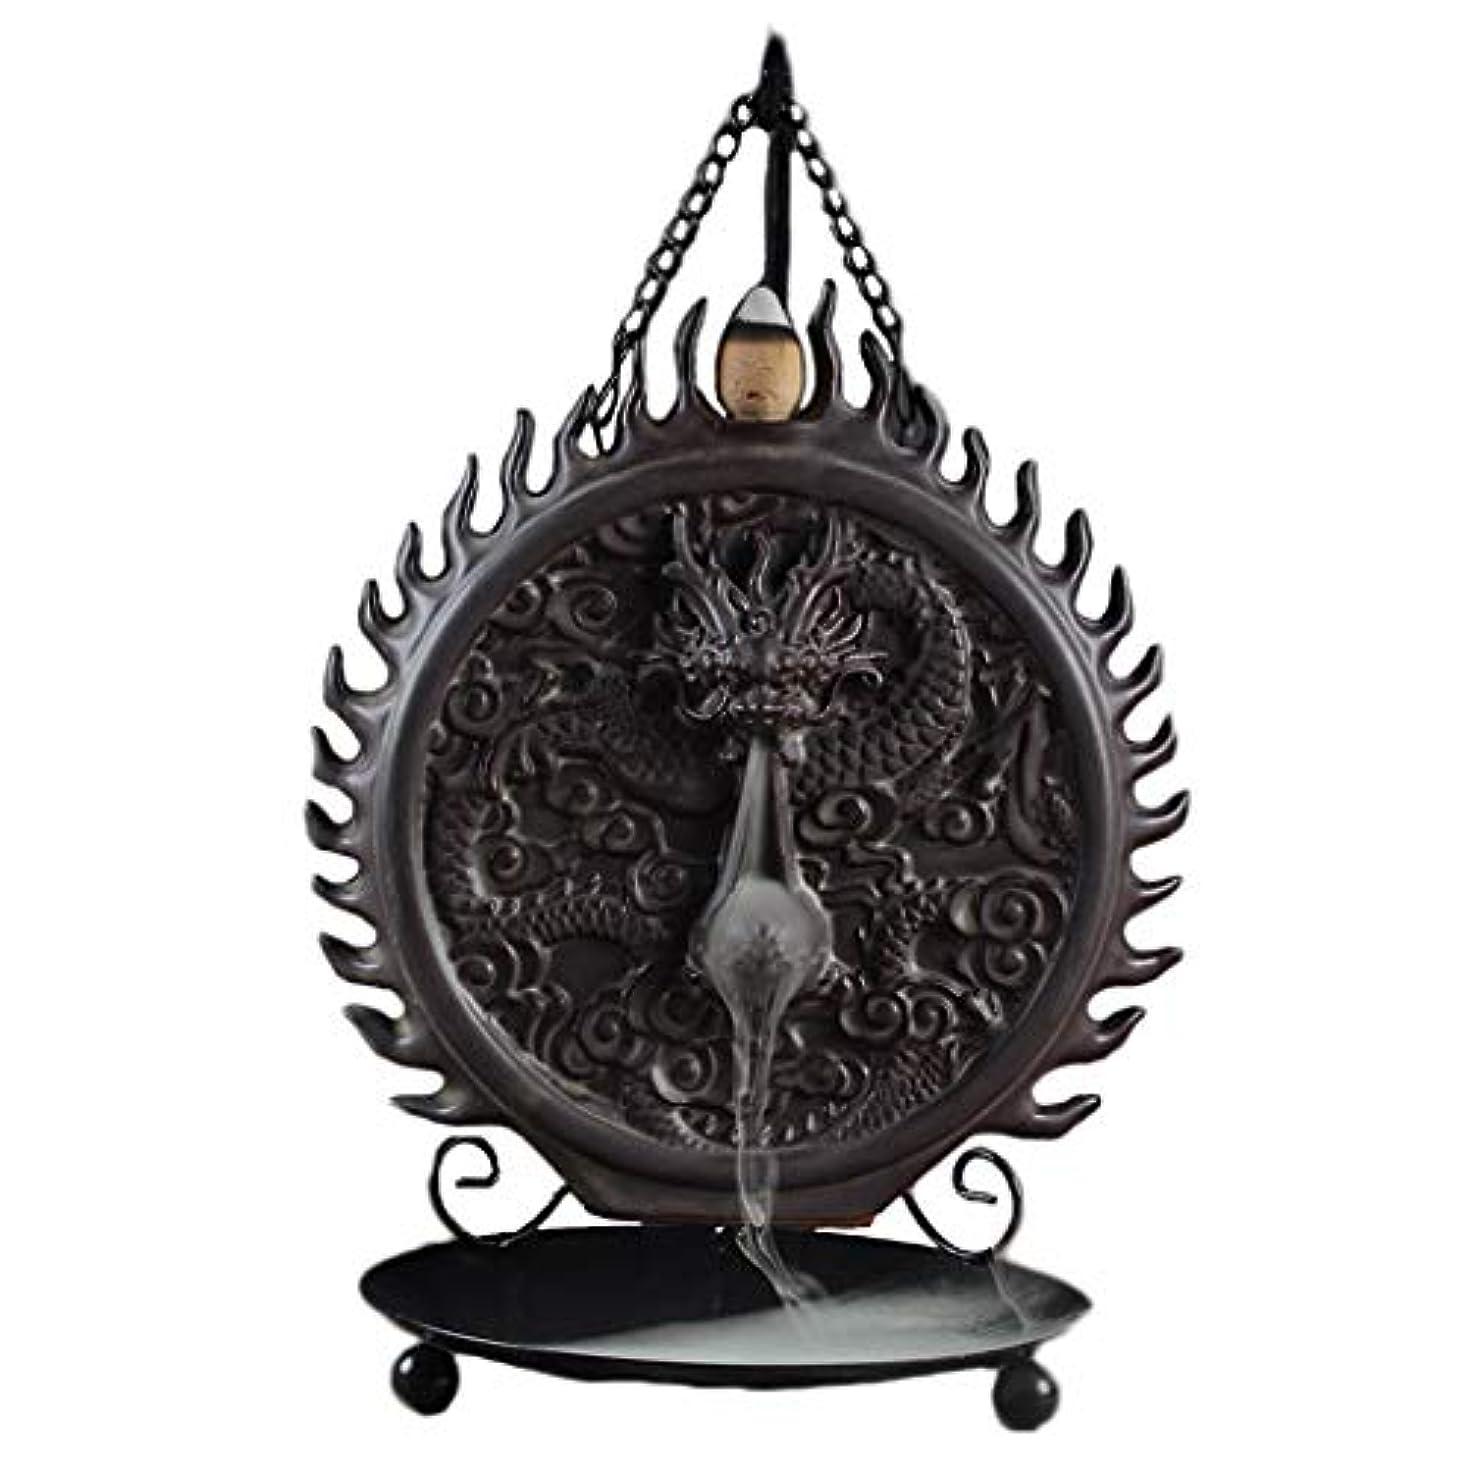 必要とする崇拝するドナウ川セラミックハンギング香炉バックフロードラゴンディスクホーム炉装飾香ホルダーアロマセラピー香バーナーホルダー (Color : Black, サイズ : 6.29*9.44inches)